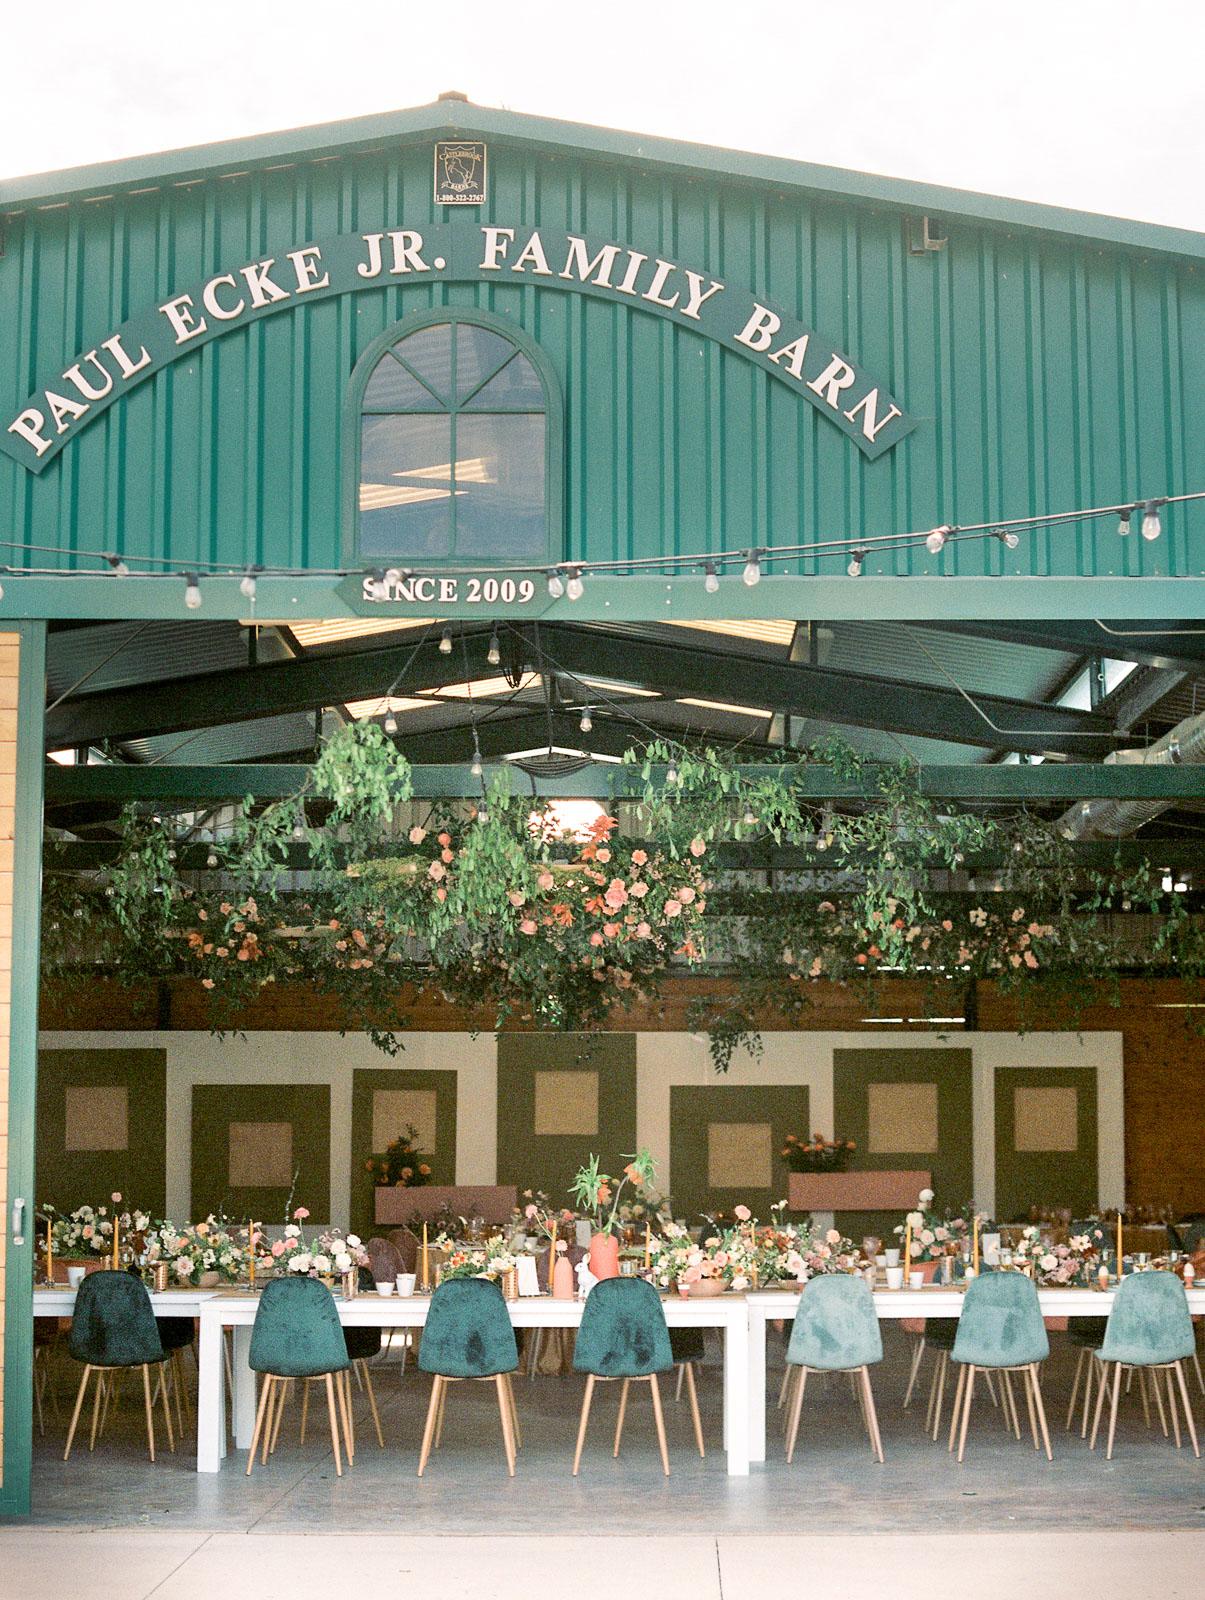 paul ecke jr family barn reception hall area